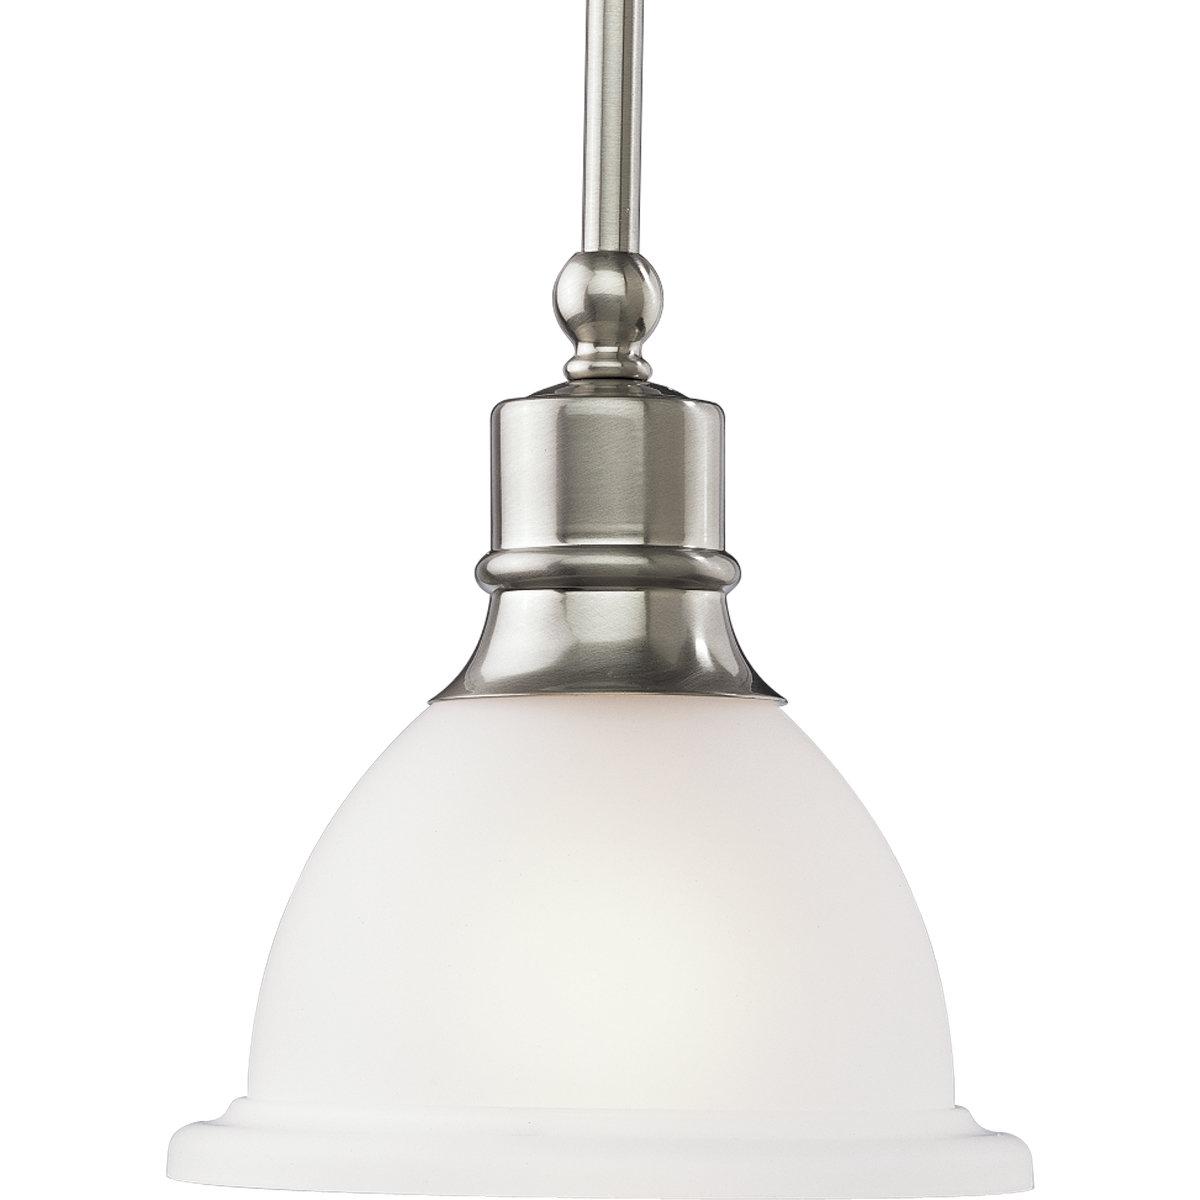 Vangorder 1 Light Single Bell Pendant Throughout Favorite Goldie 1 Light Single Bell Pendants (View 4 of 25)